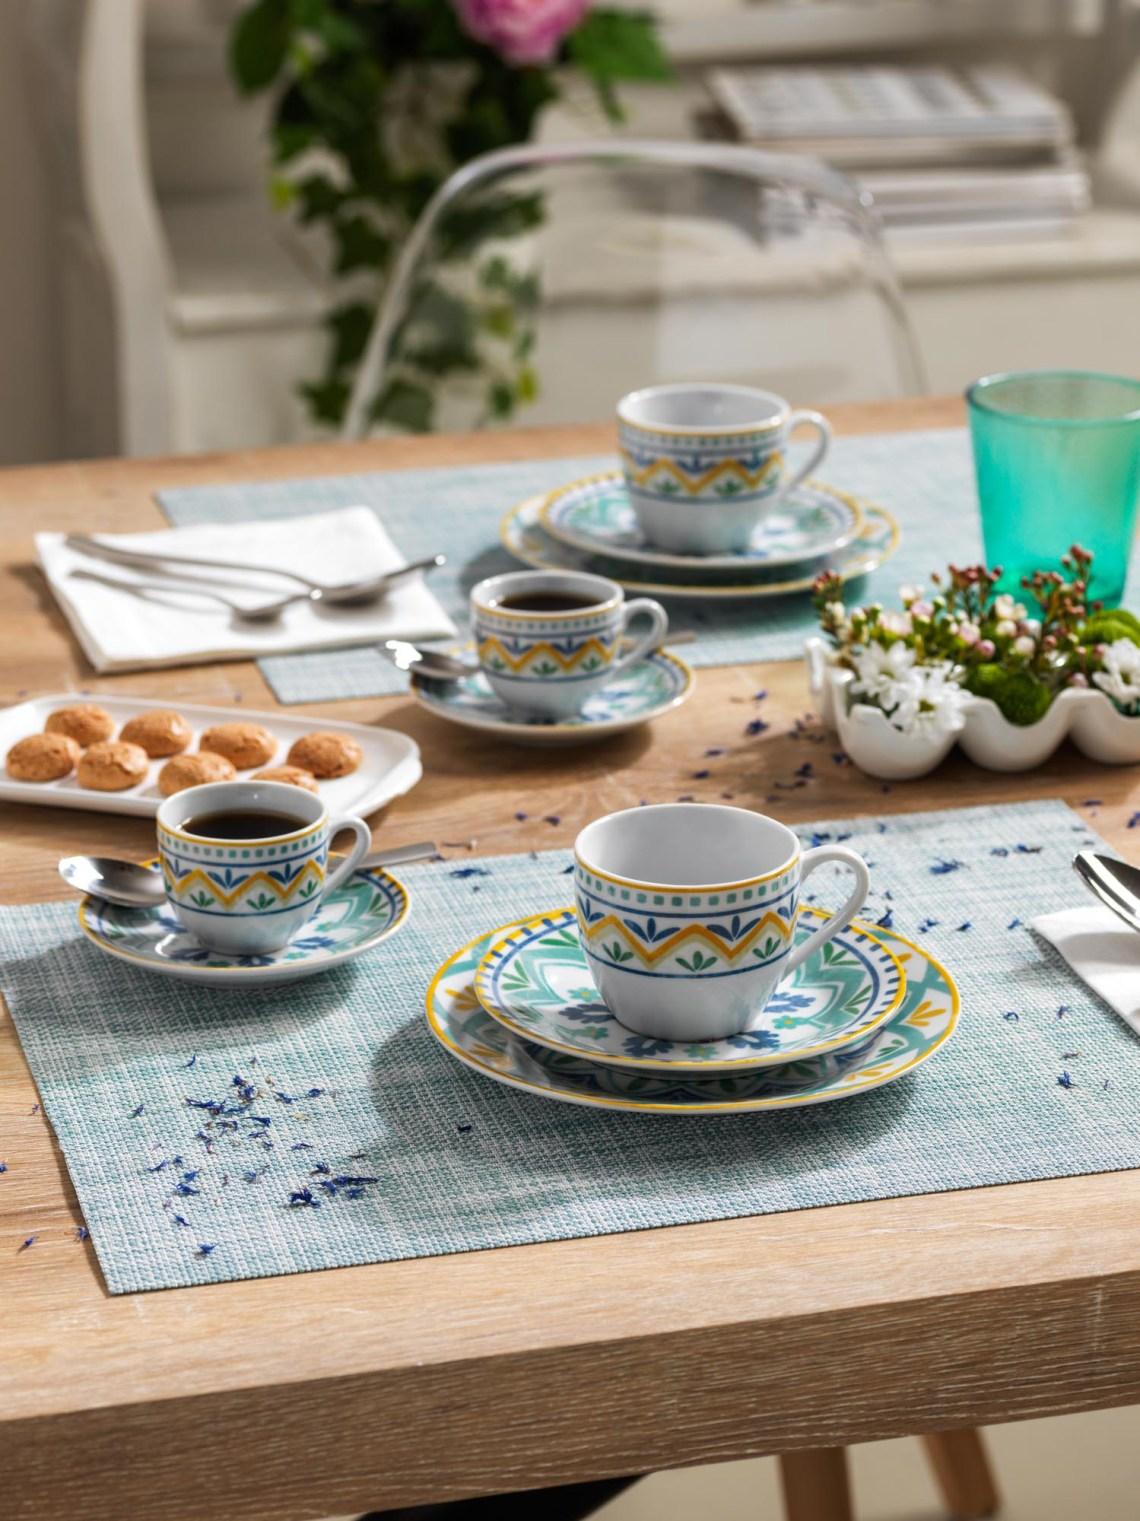 Linea Olimpia Alhambra Tognana - Set caffè con tazzine in porcellana azzurra, blu, gialla e bianca